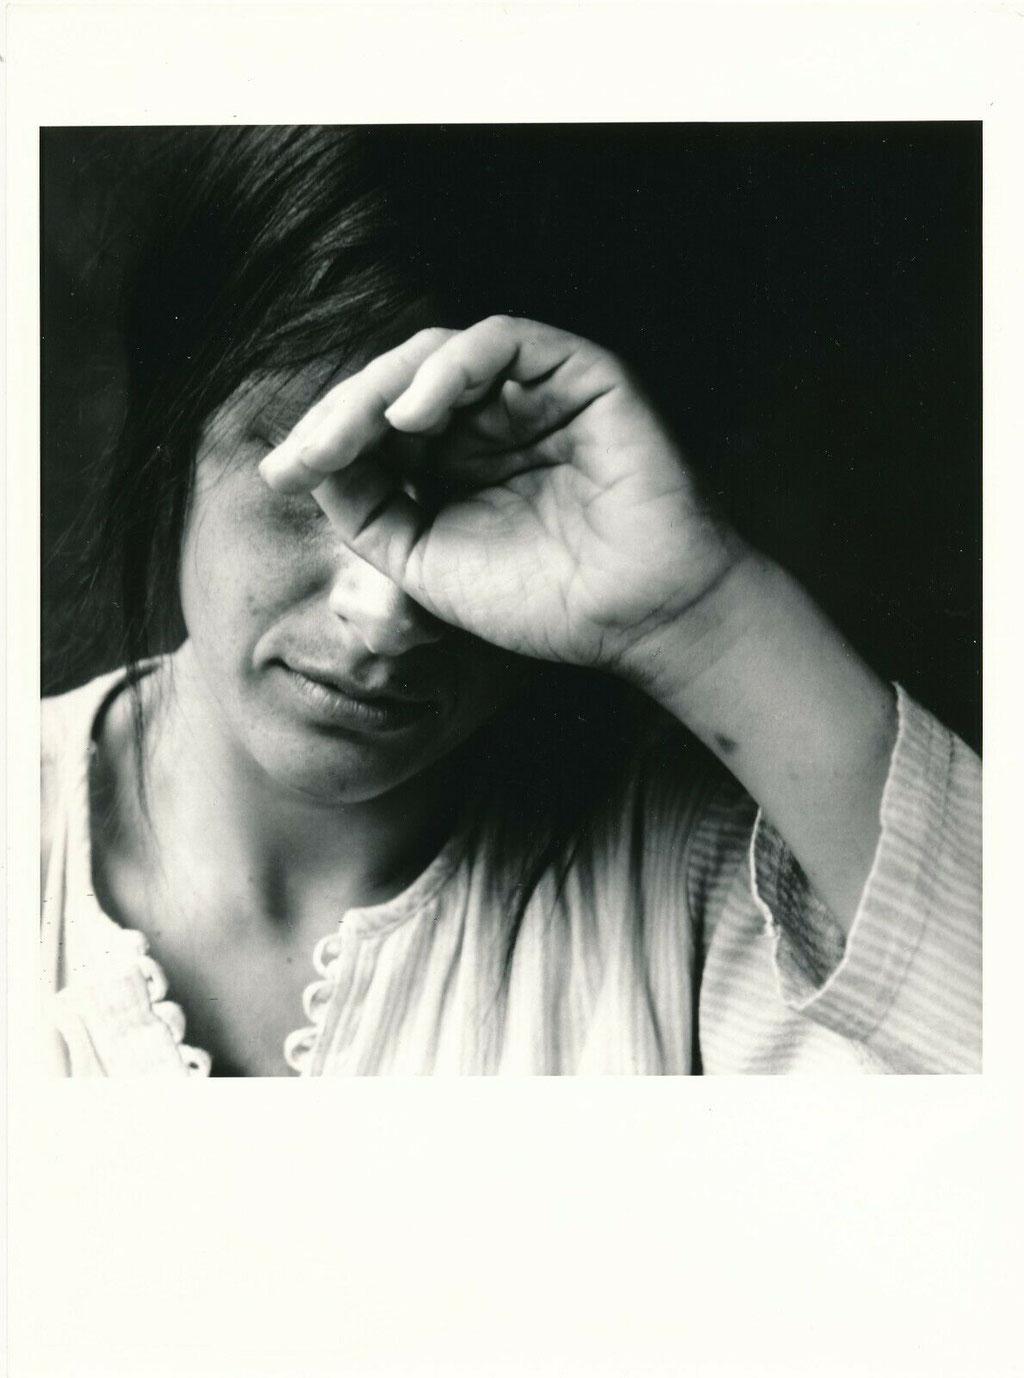 photographie : étude de main et de visage